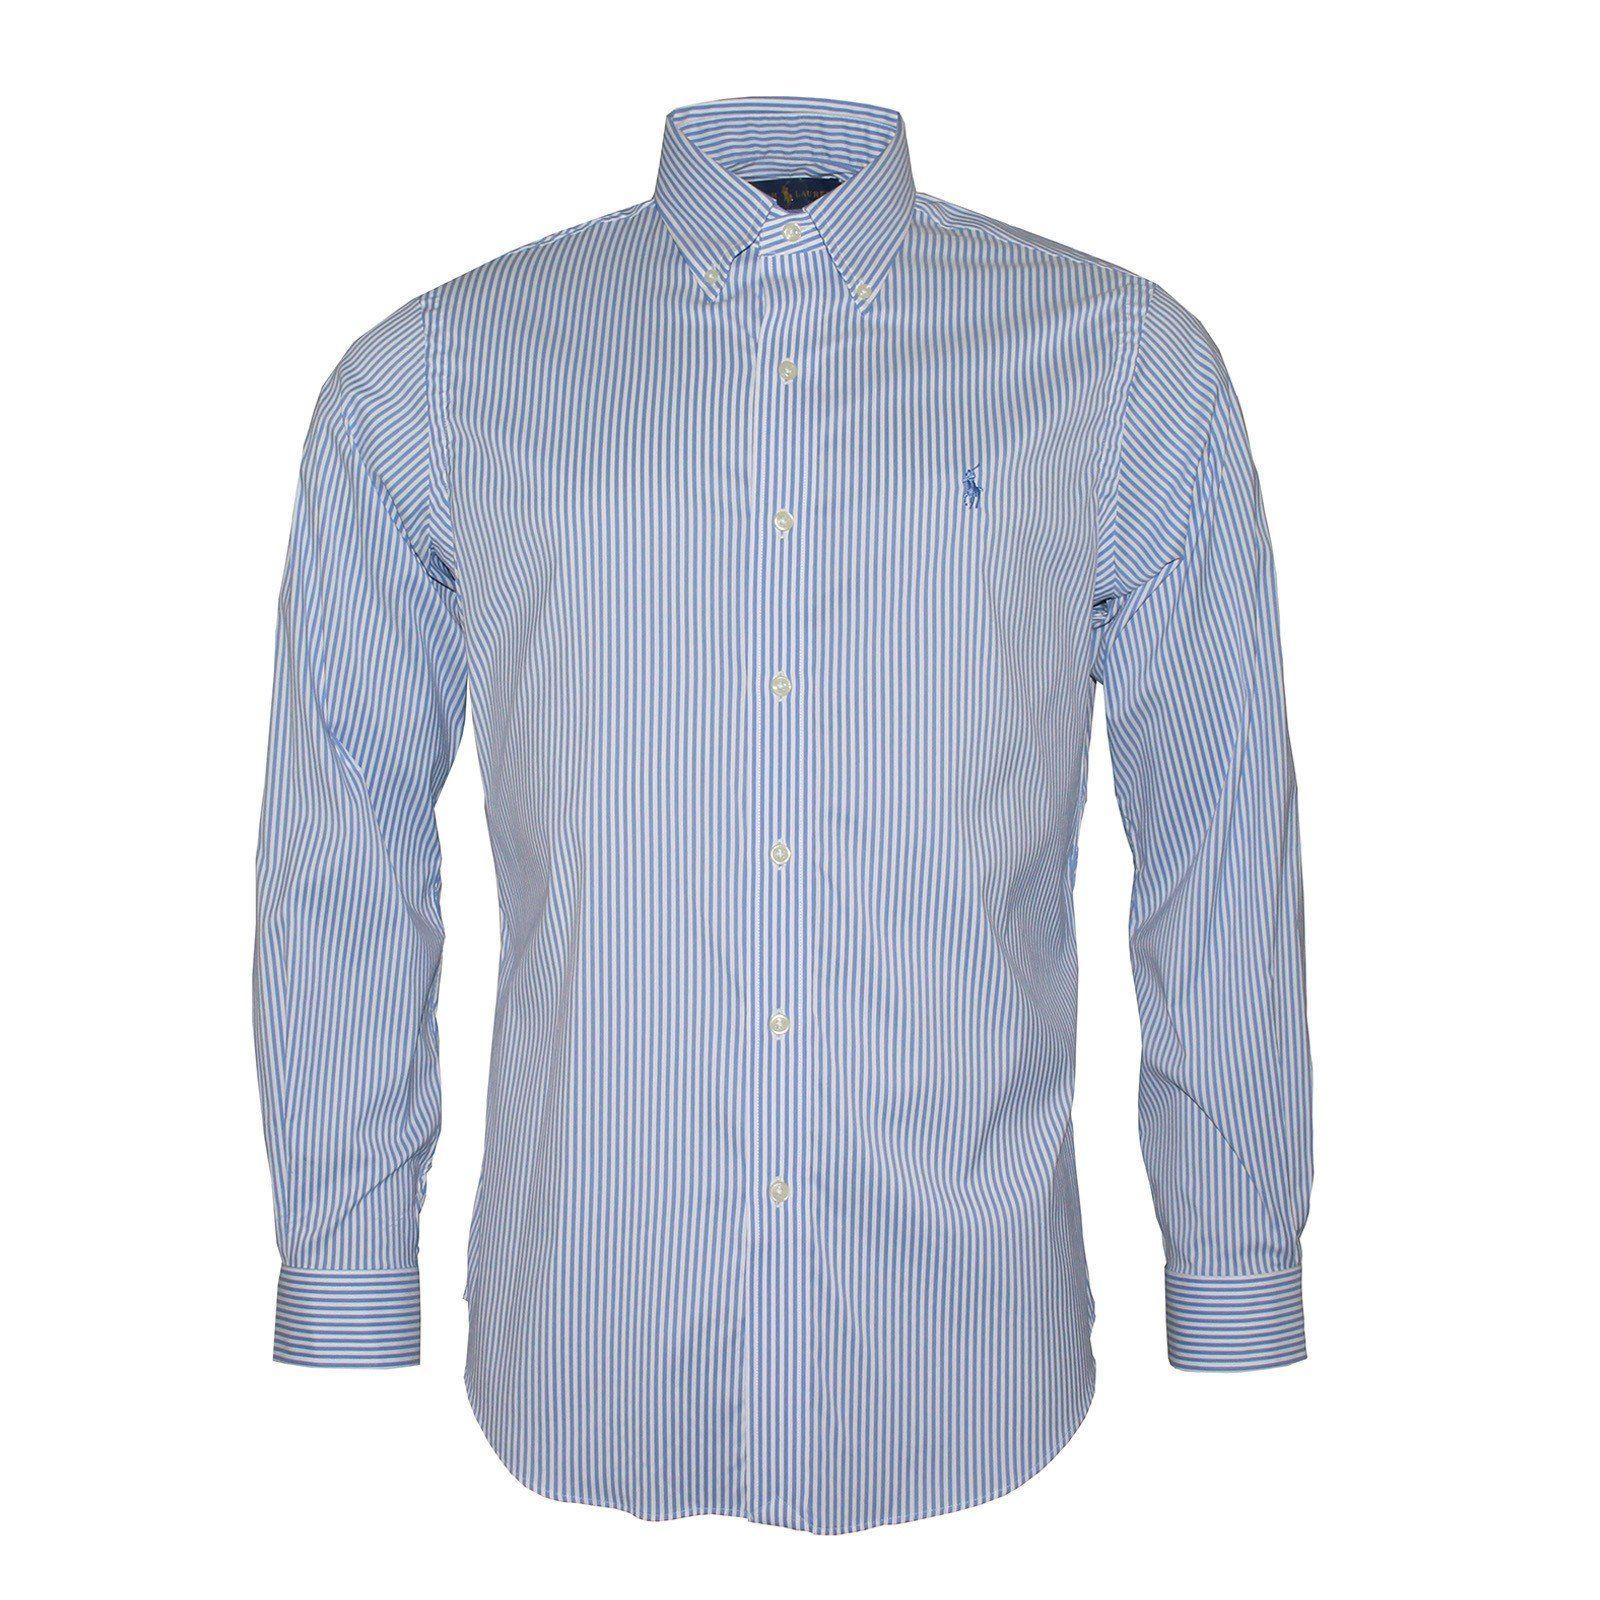 Ralph Lauren Ls Shirt - Vista Blue